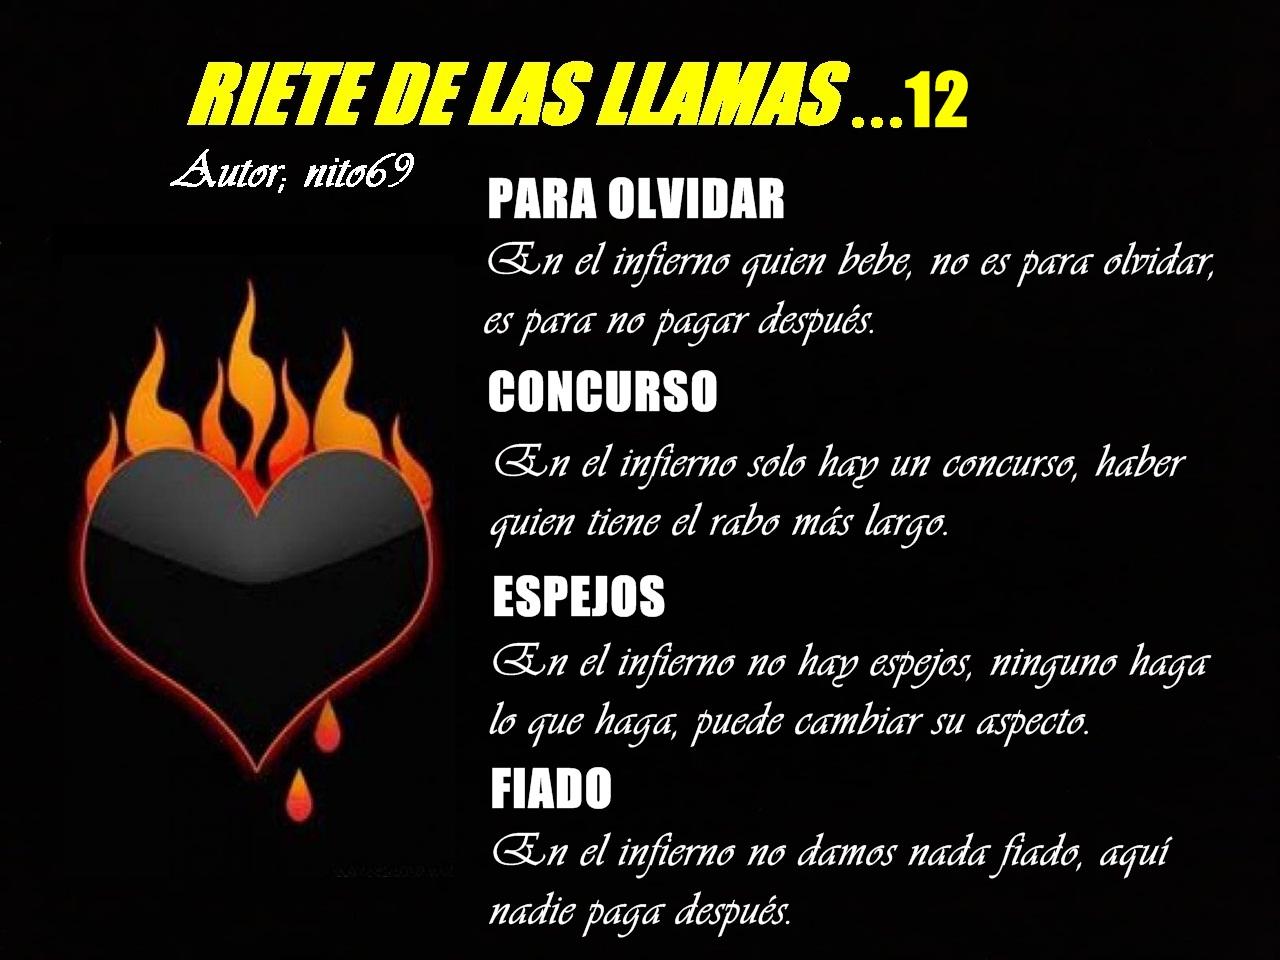 RIETE DE LAS LLAMAS...12